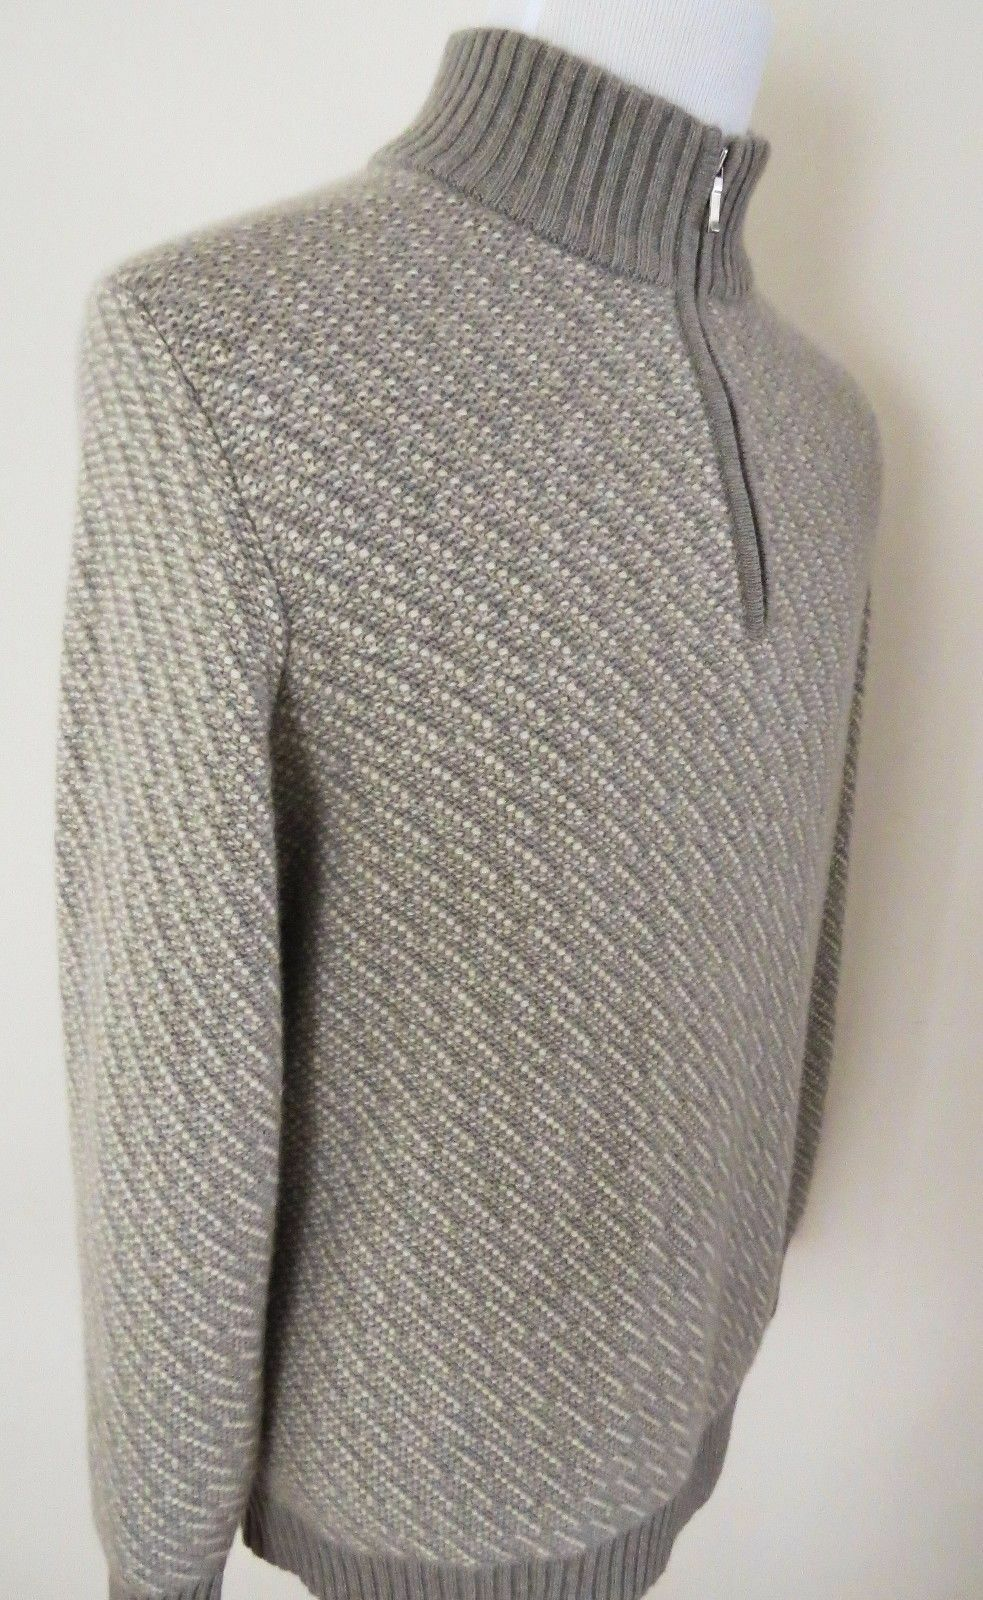 2395 LORO PIANA Mezzocollo Heavy Baby Cashmere Suede Suede Suede 1/2 Zip Sweater 58 Euro 9af4d2